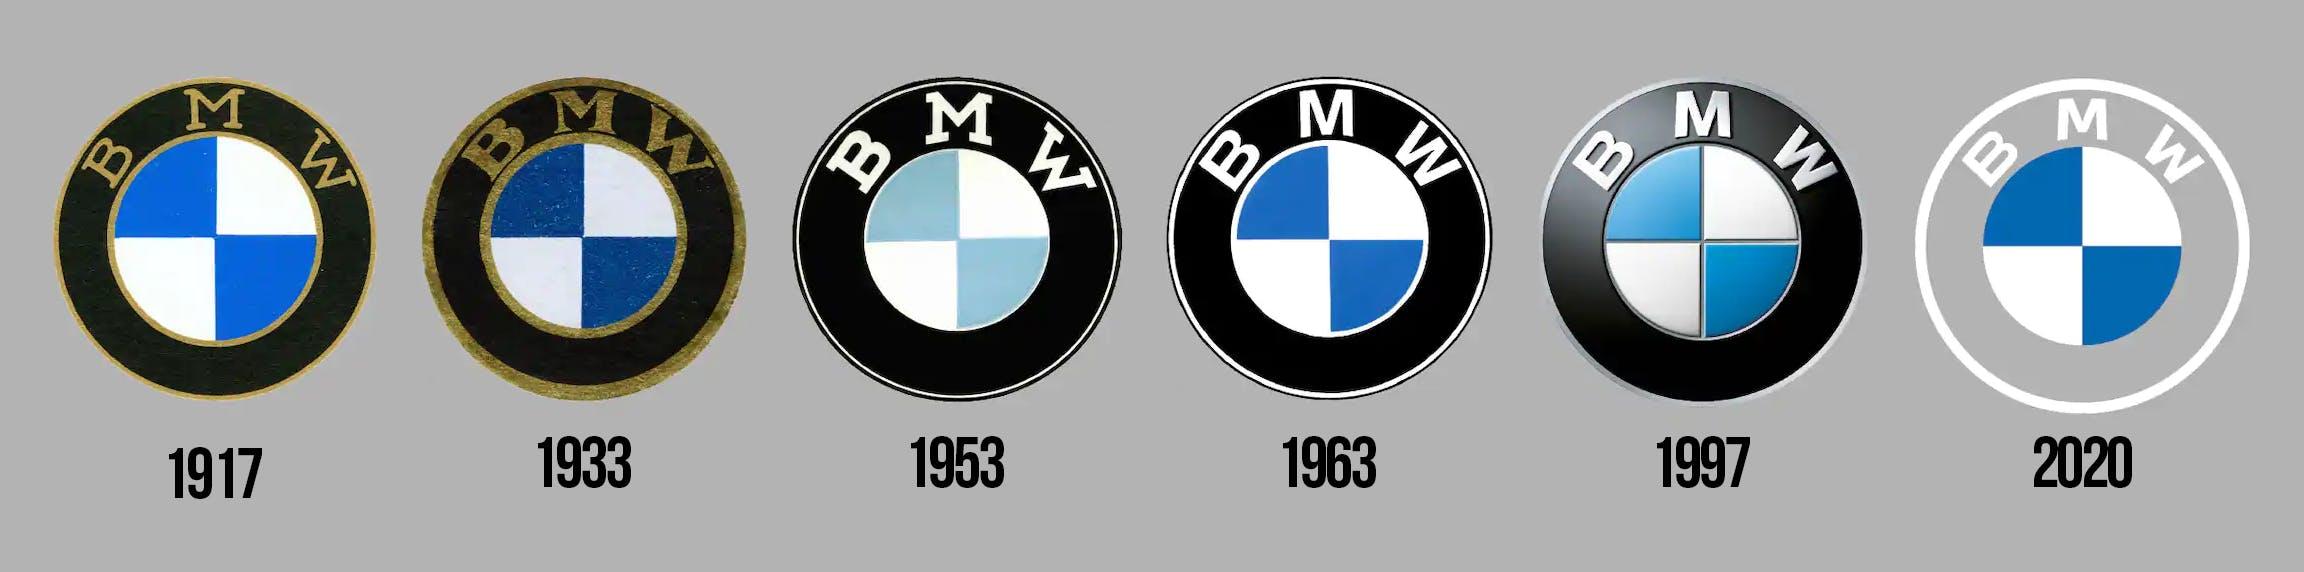 история логотипа bmw